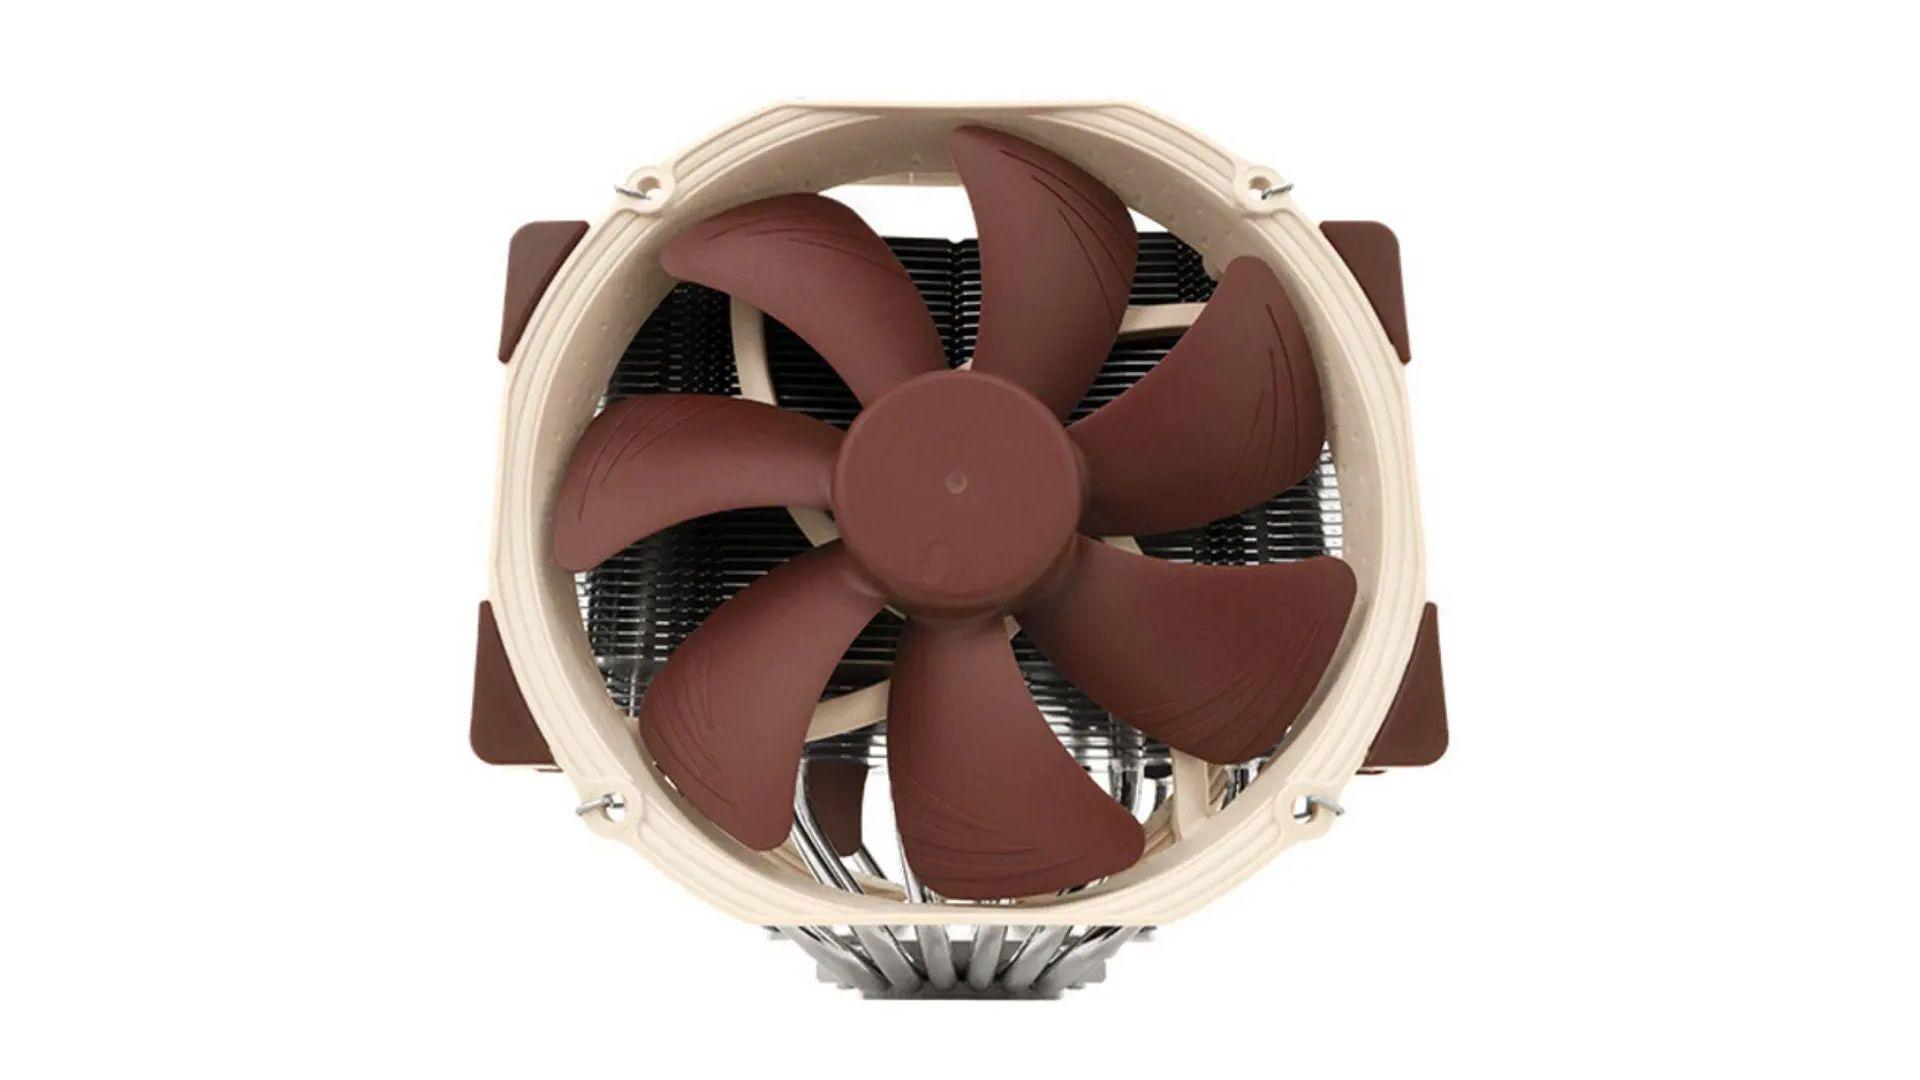 NC-D15 é um air cooler conceituado (Foto: Divulgação/Noctua)